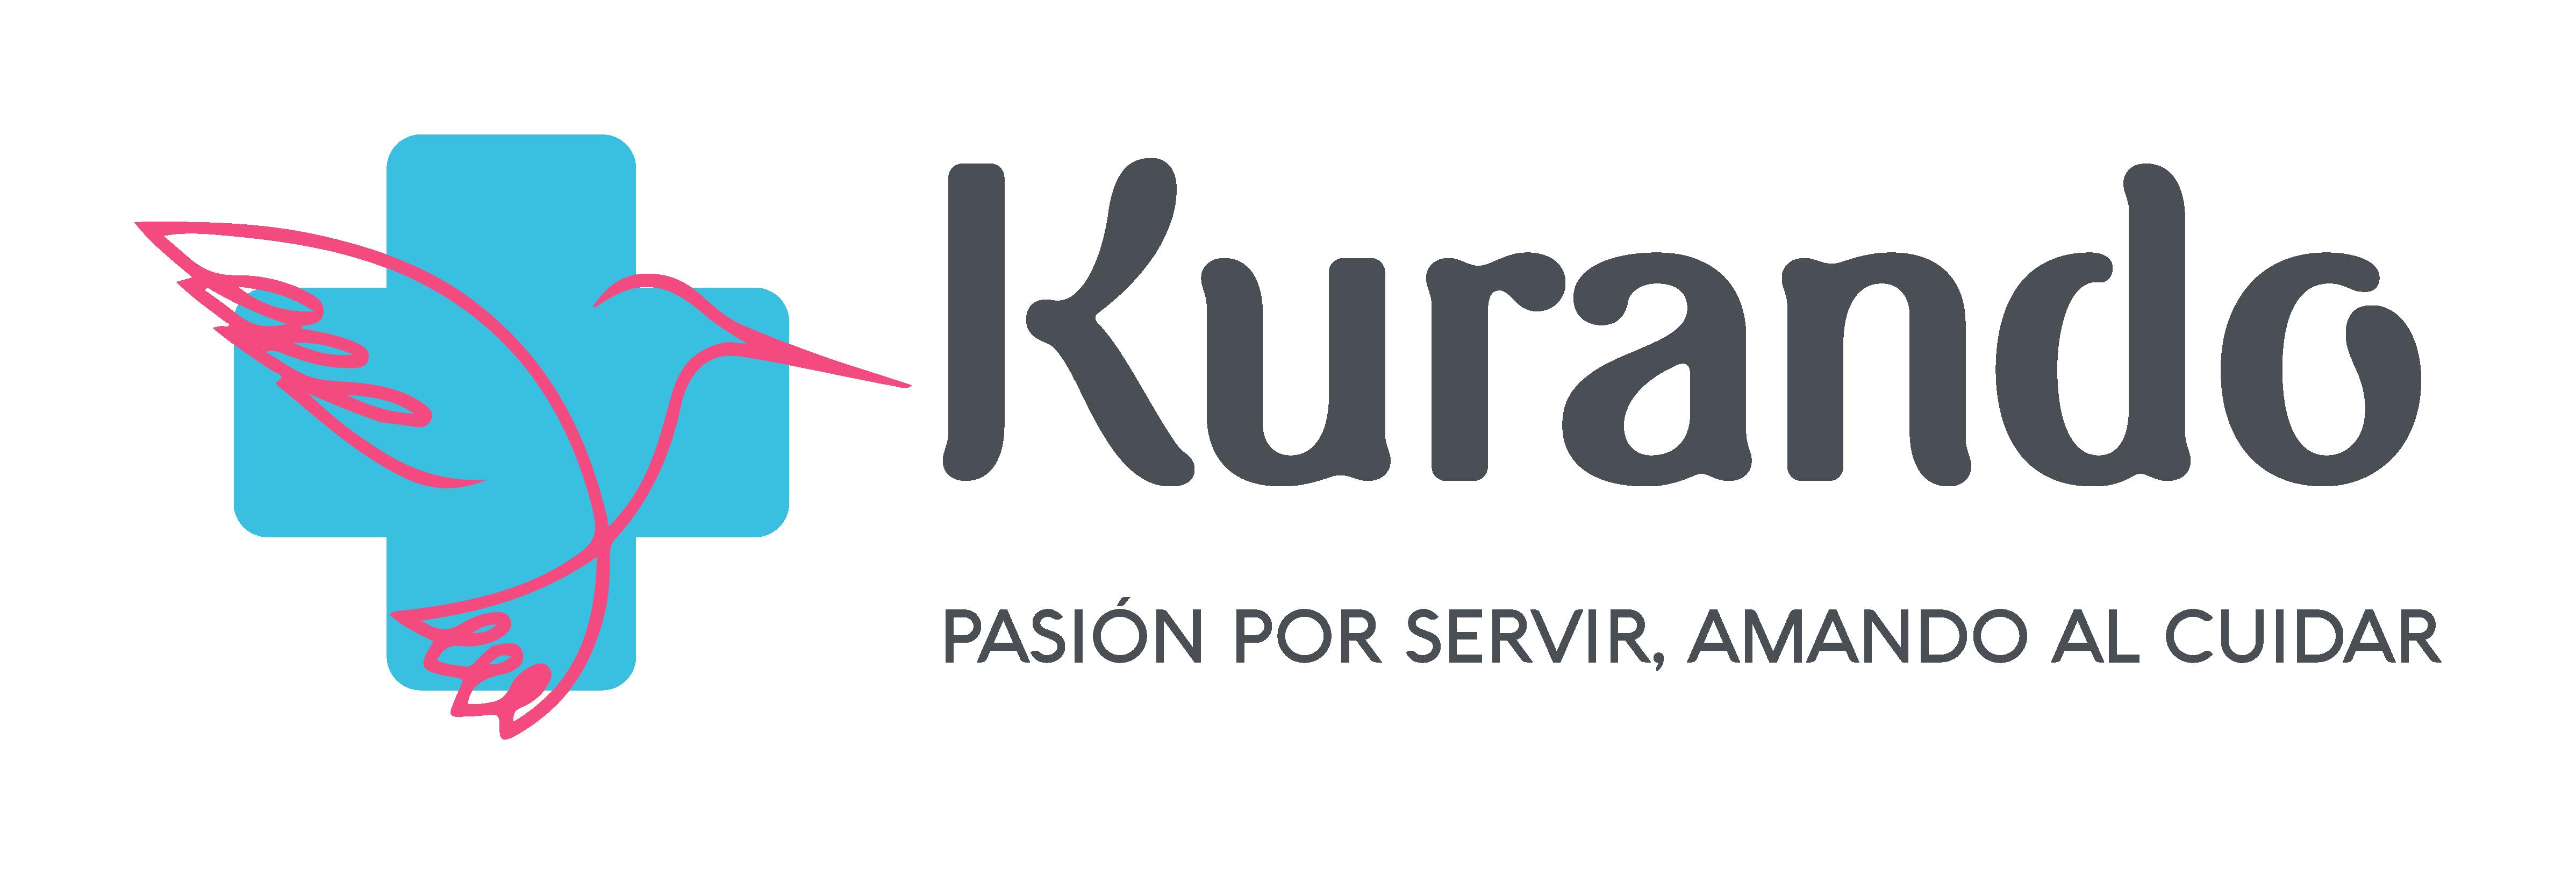 Kurando